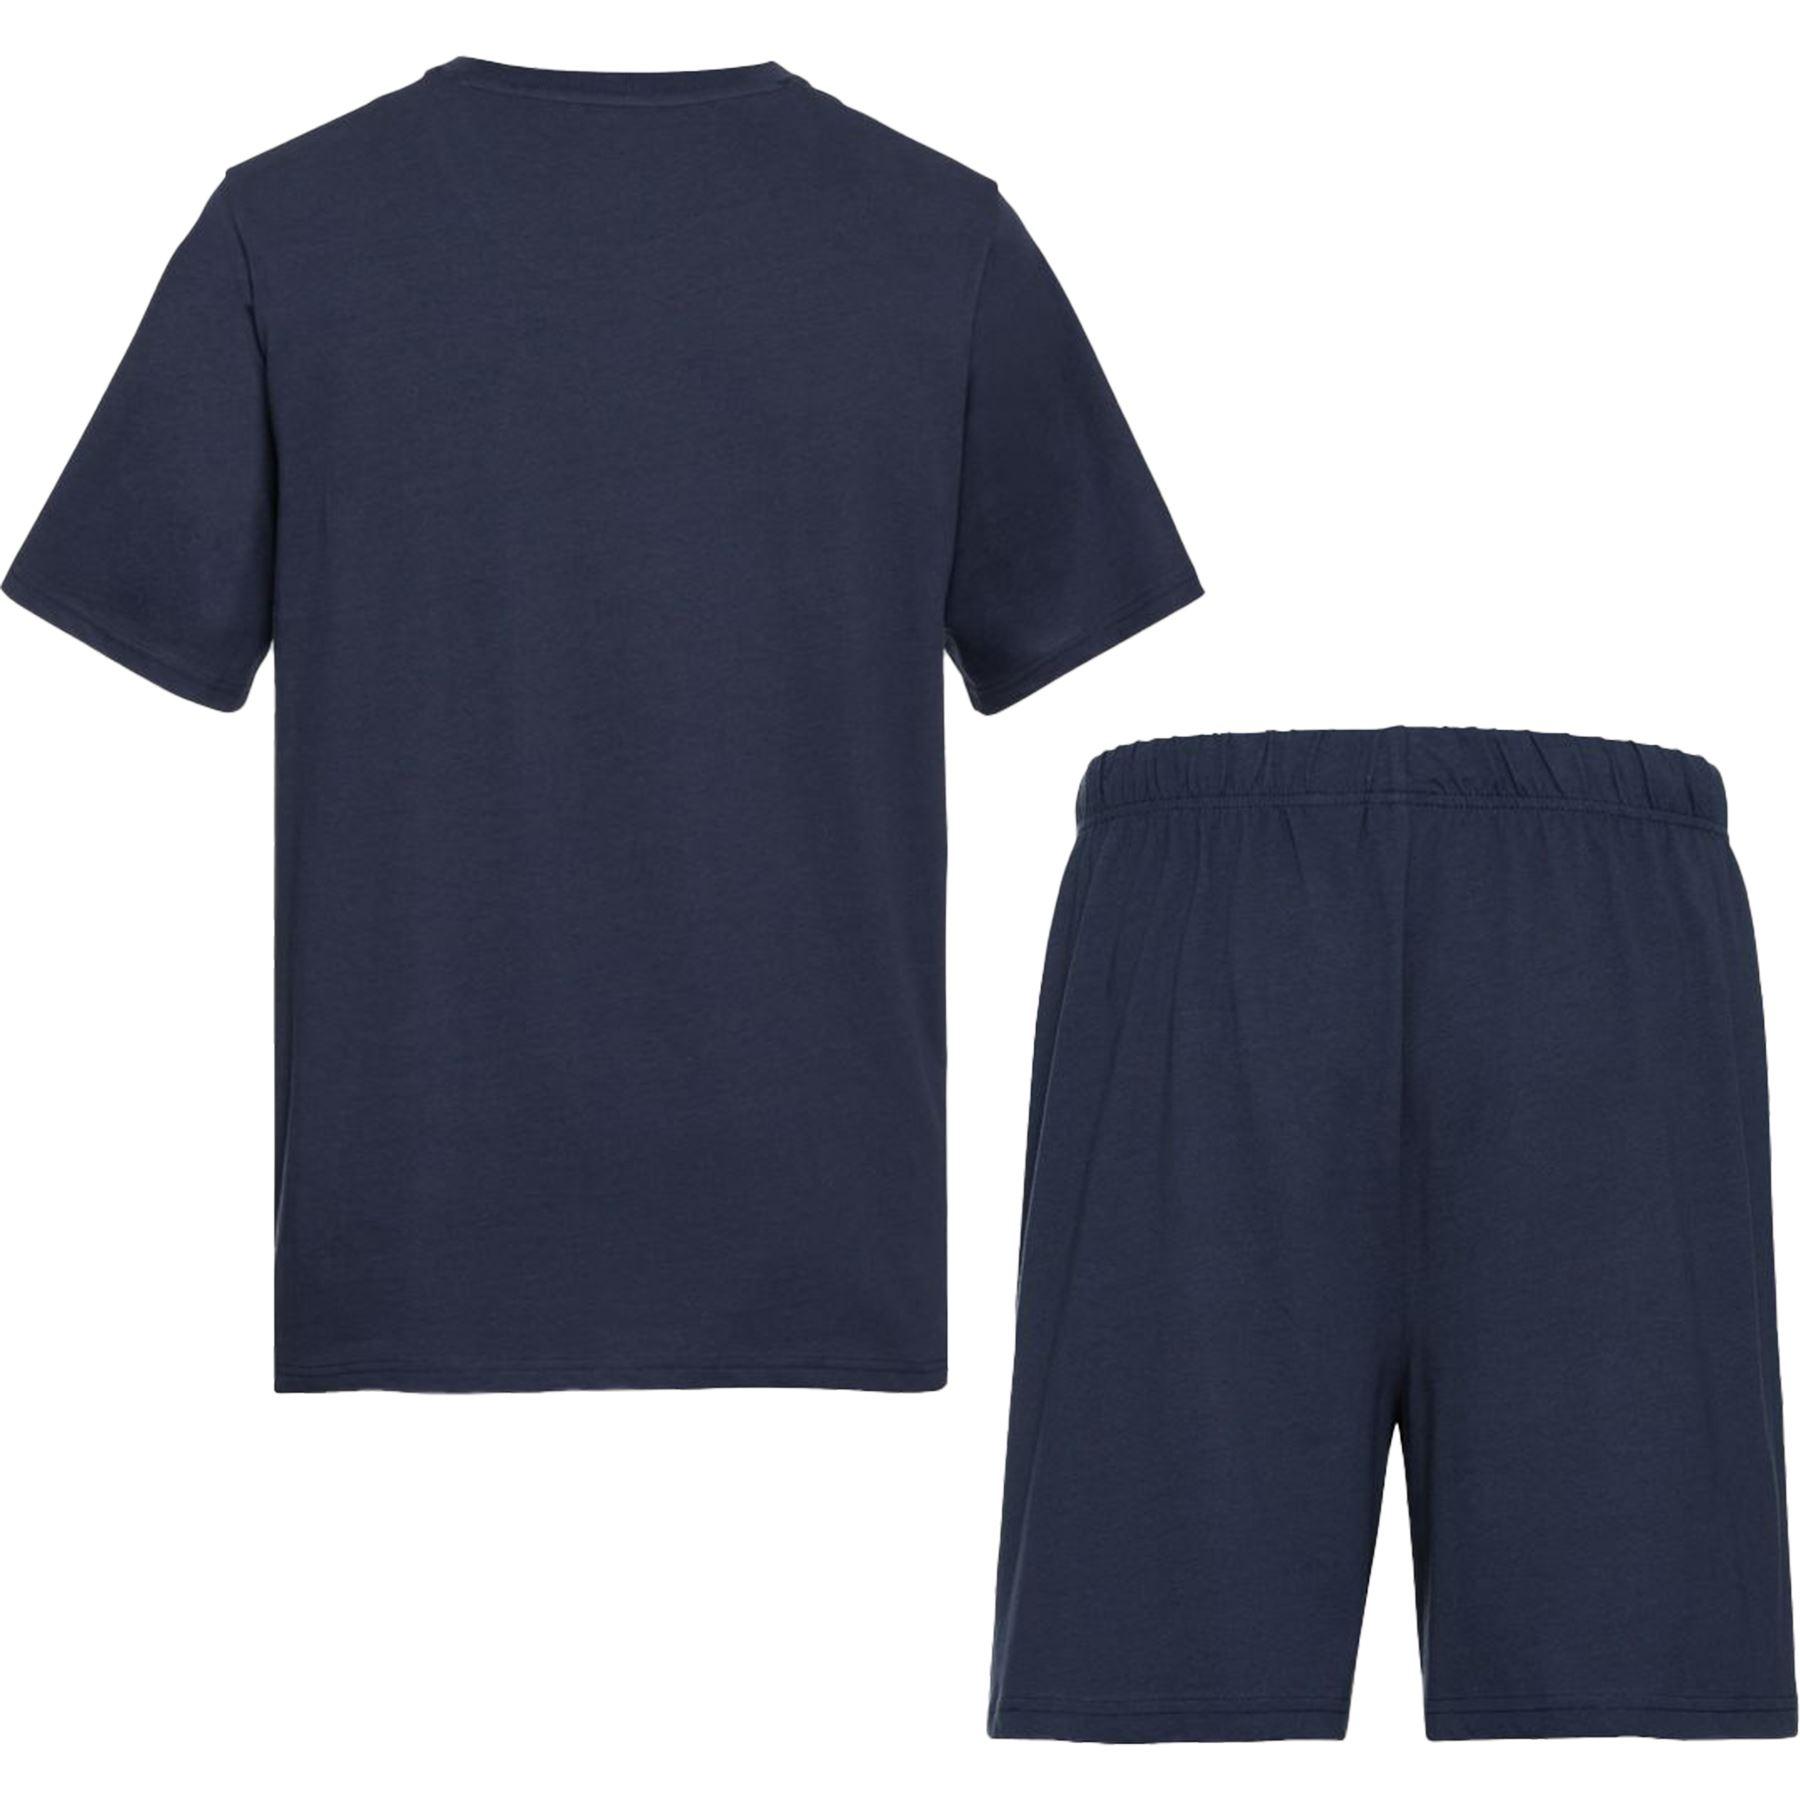 Homme à manches courtes Pyjama short Set géométrique c/&a Ex-store 2Pcs PJ /'S NIGHT WEAR